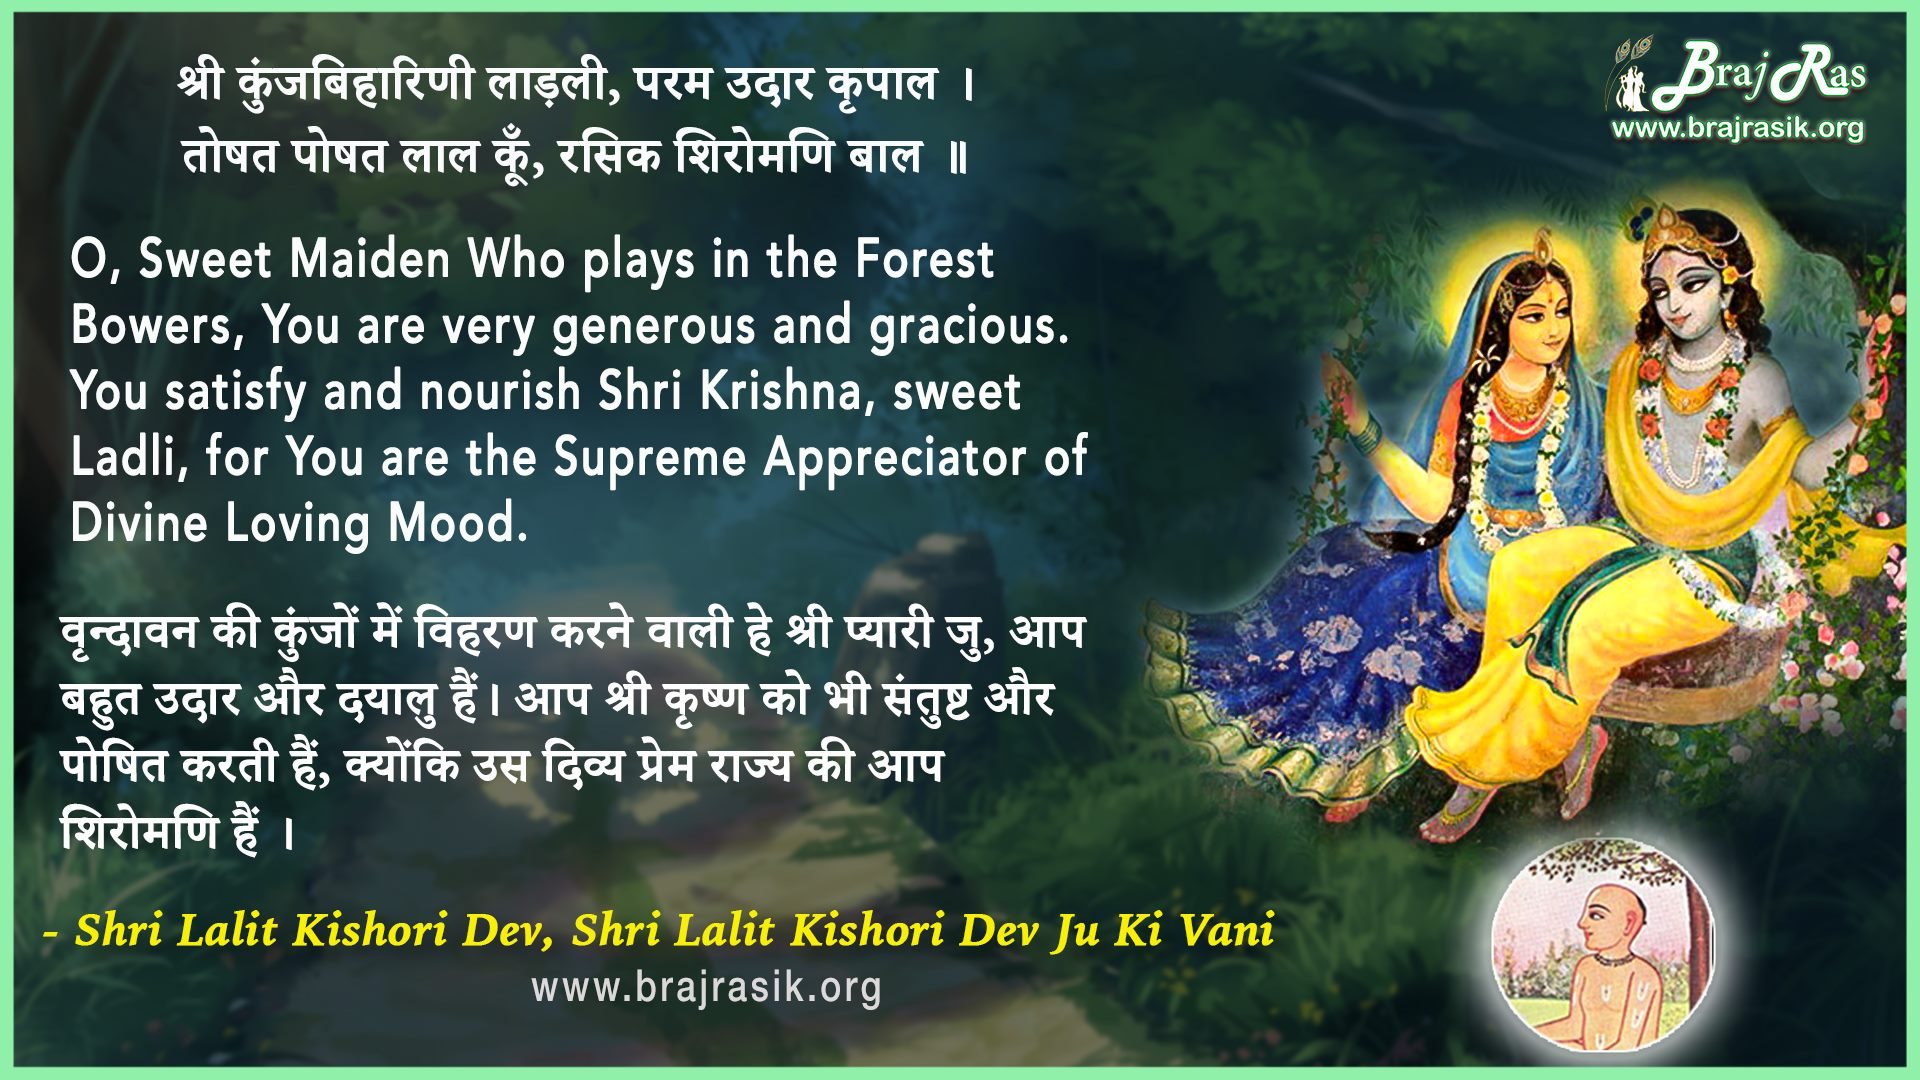 Shri Kunjbiharini Ladli - Shri Lalit Kishori Dev, Shri Lalit Kishori Dev Ju Ki Vani